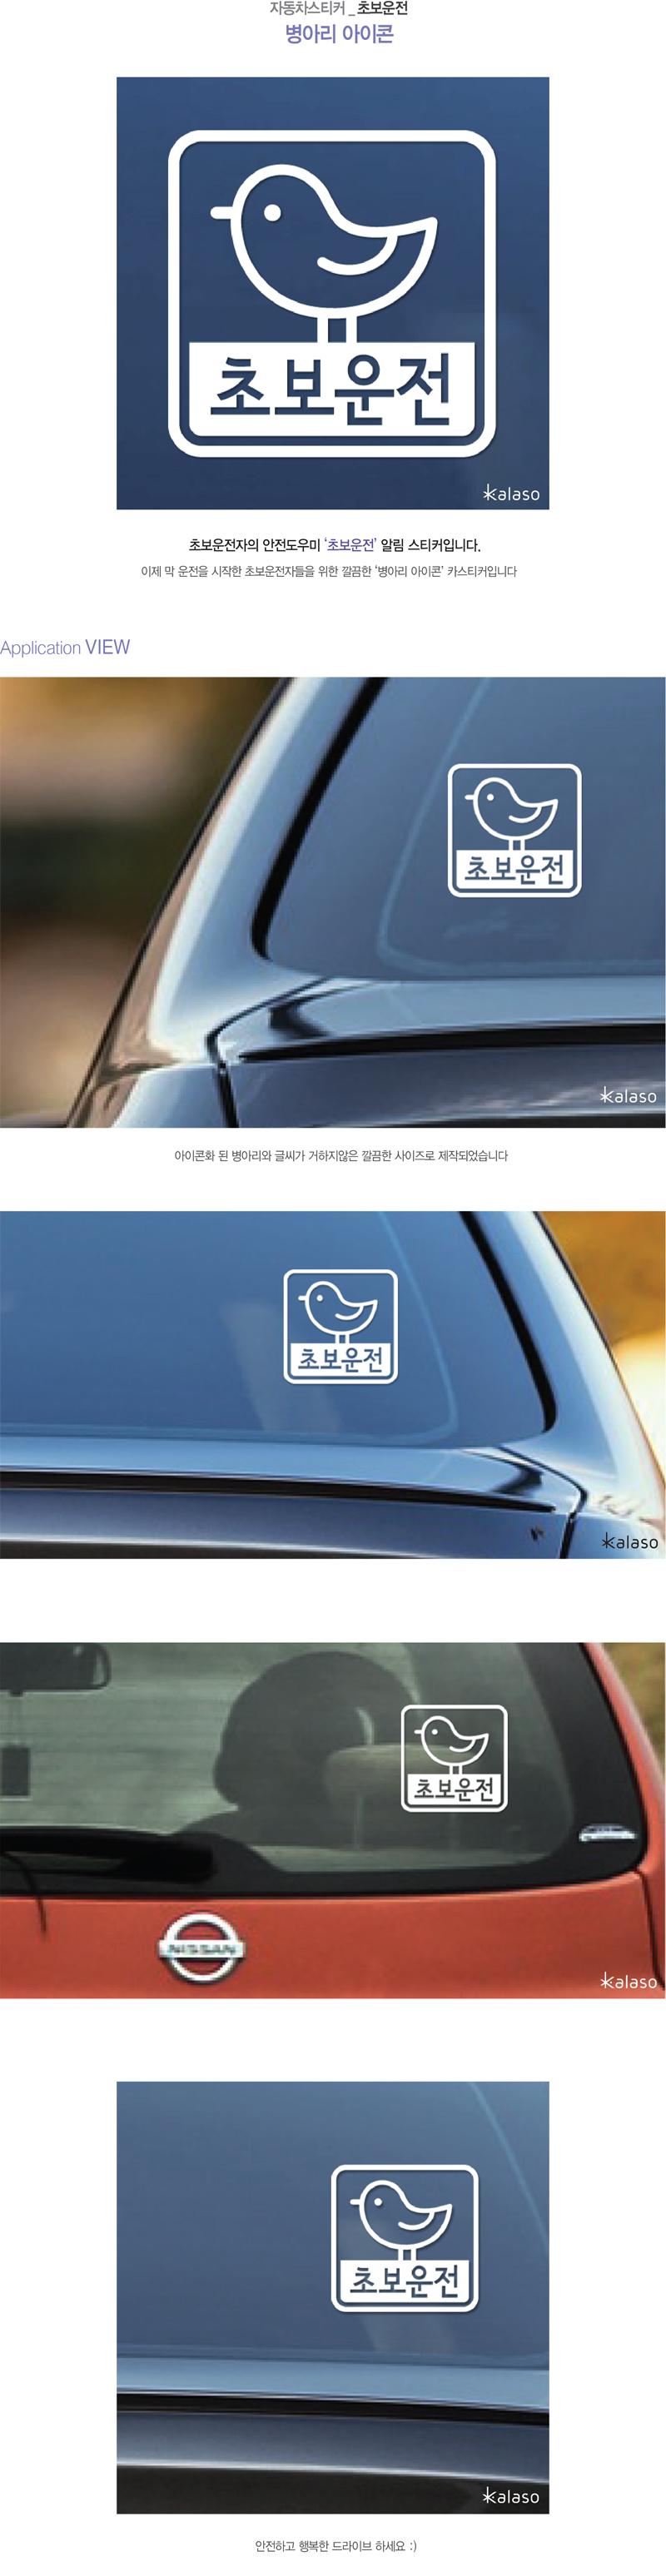 초보운전스티커 _ 병아리 아이콘 - 칼라소디자인, 6,500원, 자동차 스티커, 초보운전/아기탑승/주차 스티커